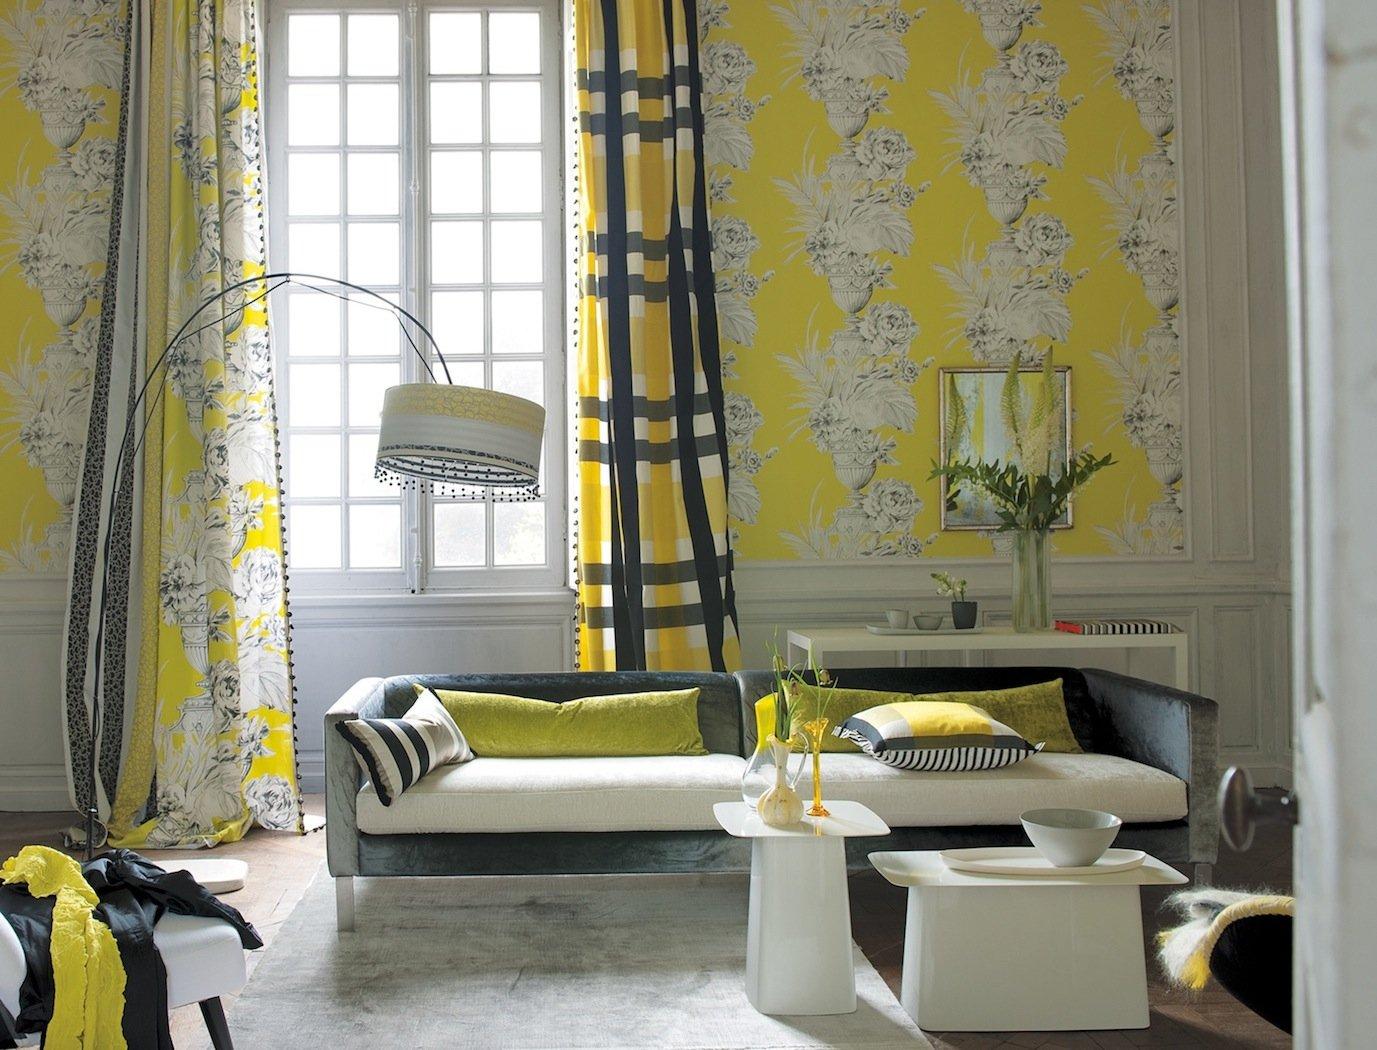 Ткань на стенах в гостиной